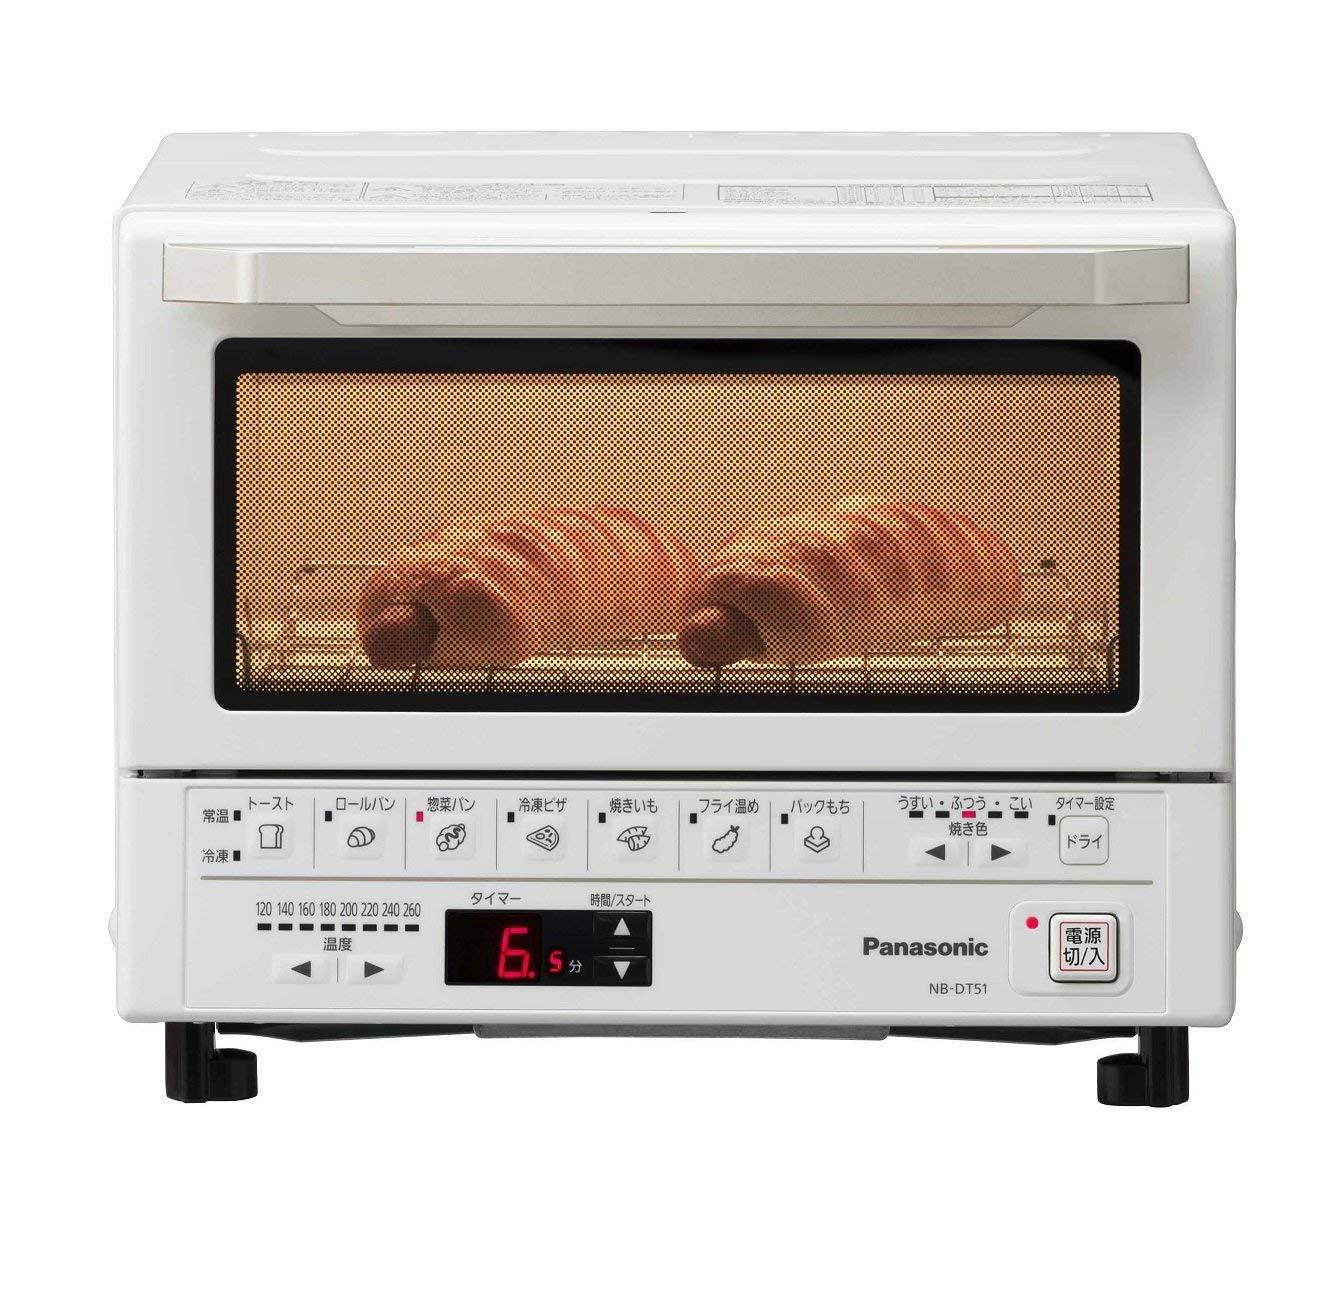 日本 國際牌 Panasonic 智慧烤箱 NB-DT51 遠紅外線 烤麵包機 8段溫度 食物乾燥功能 溫度120-260度 nb dt51 日本必買代購